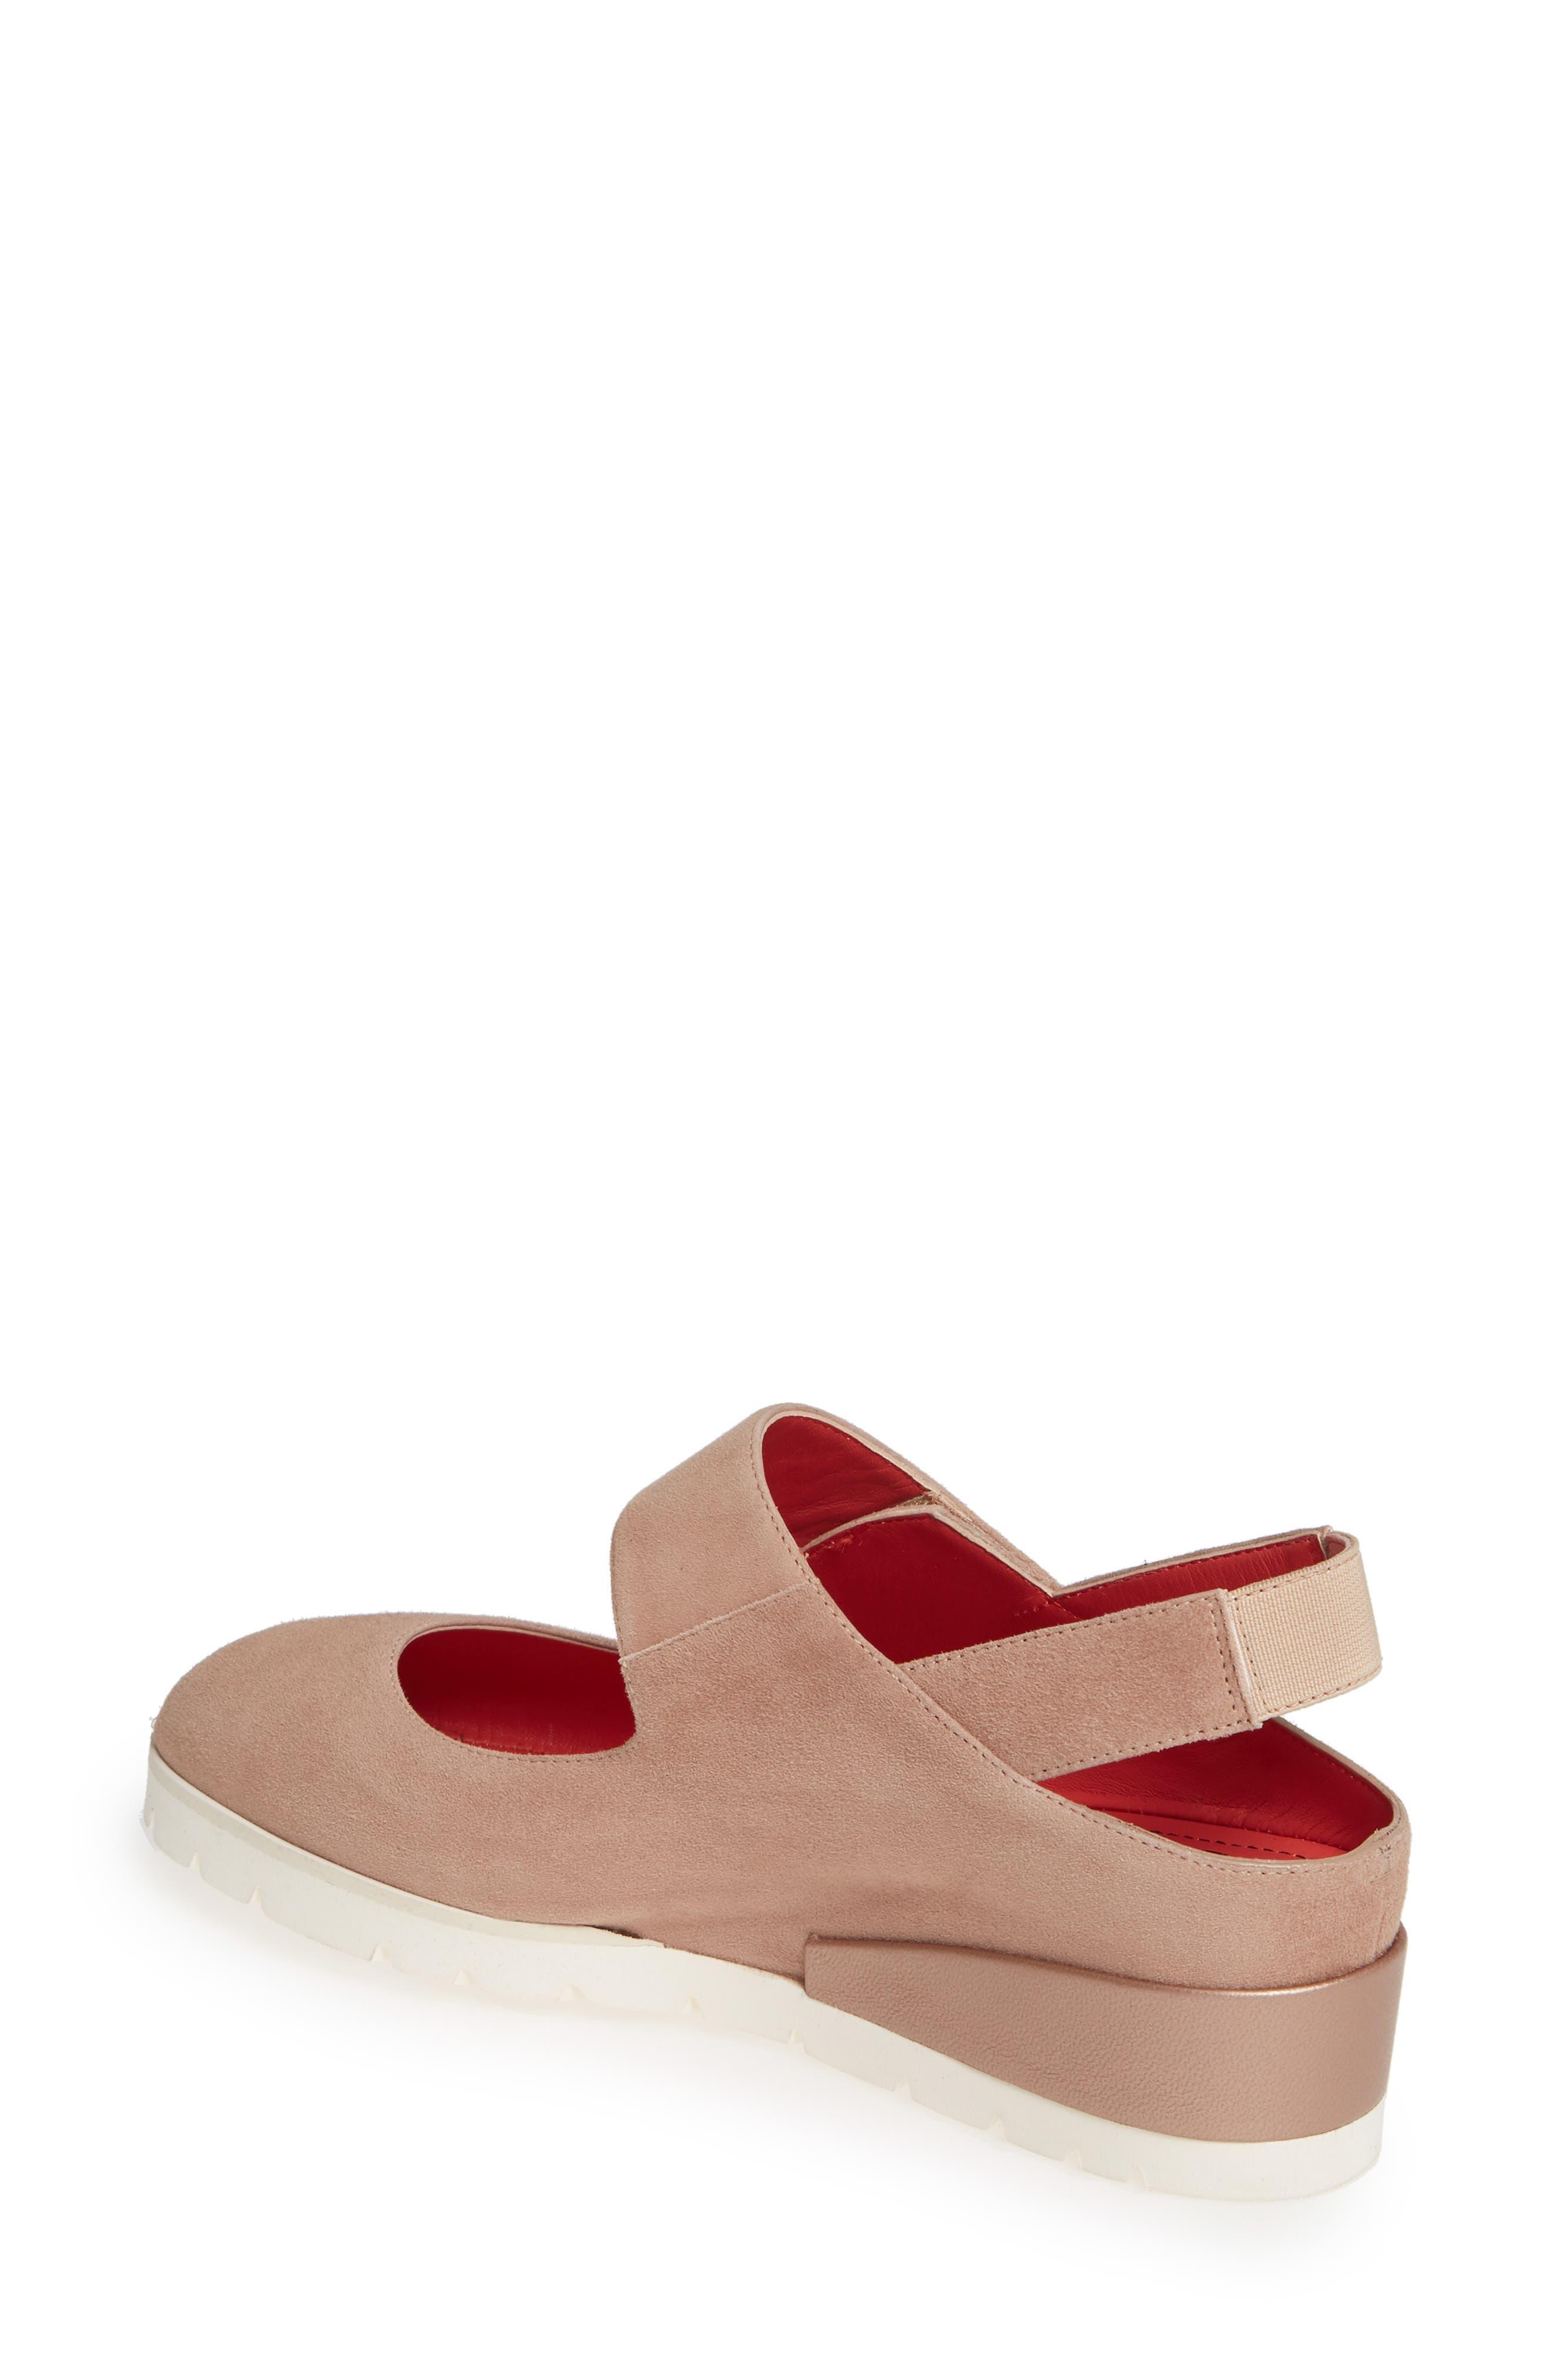 def12553683d Women s Pas De Rouge Shoes